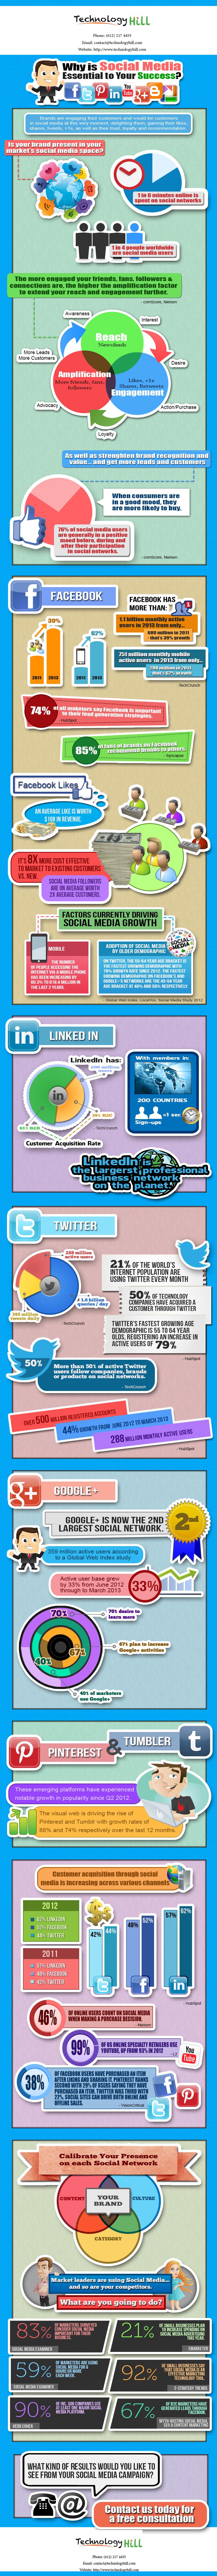 TechnologyHill.com-SMO-Infographic-Blog